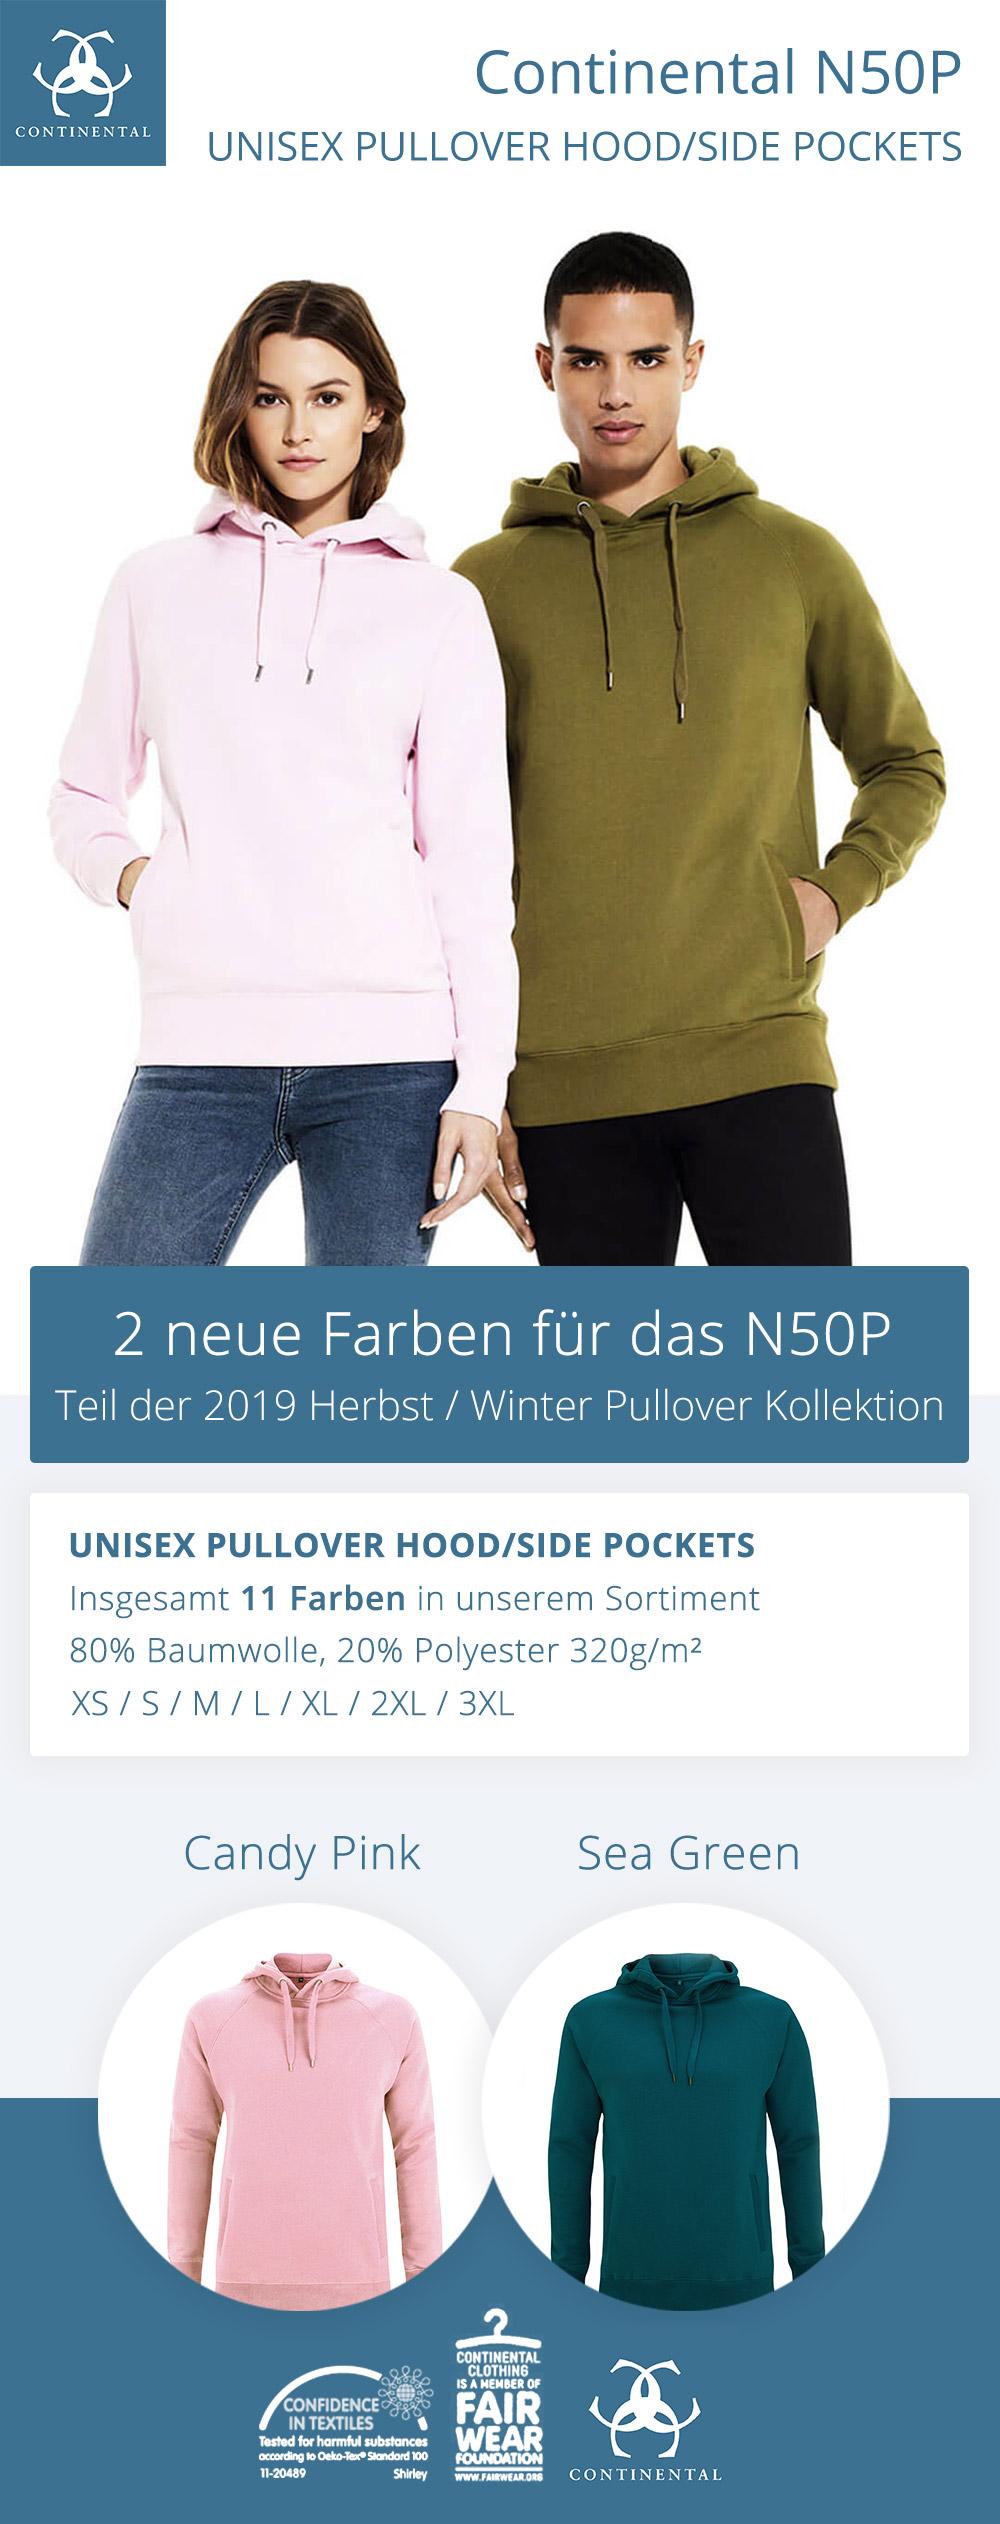 Newsletter-EP50P-2-neue-Farben-05.09.2019